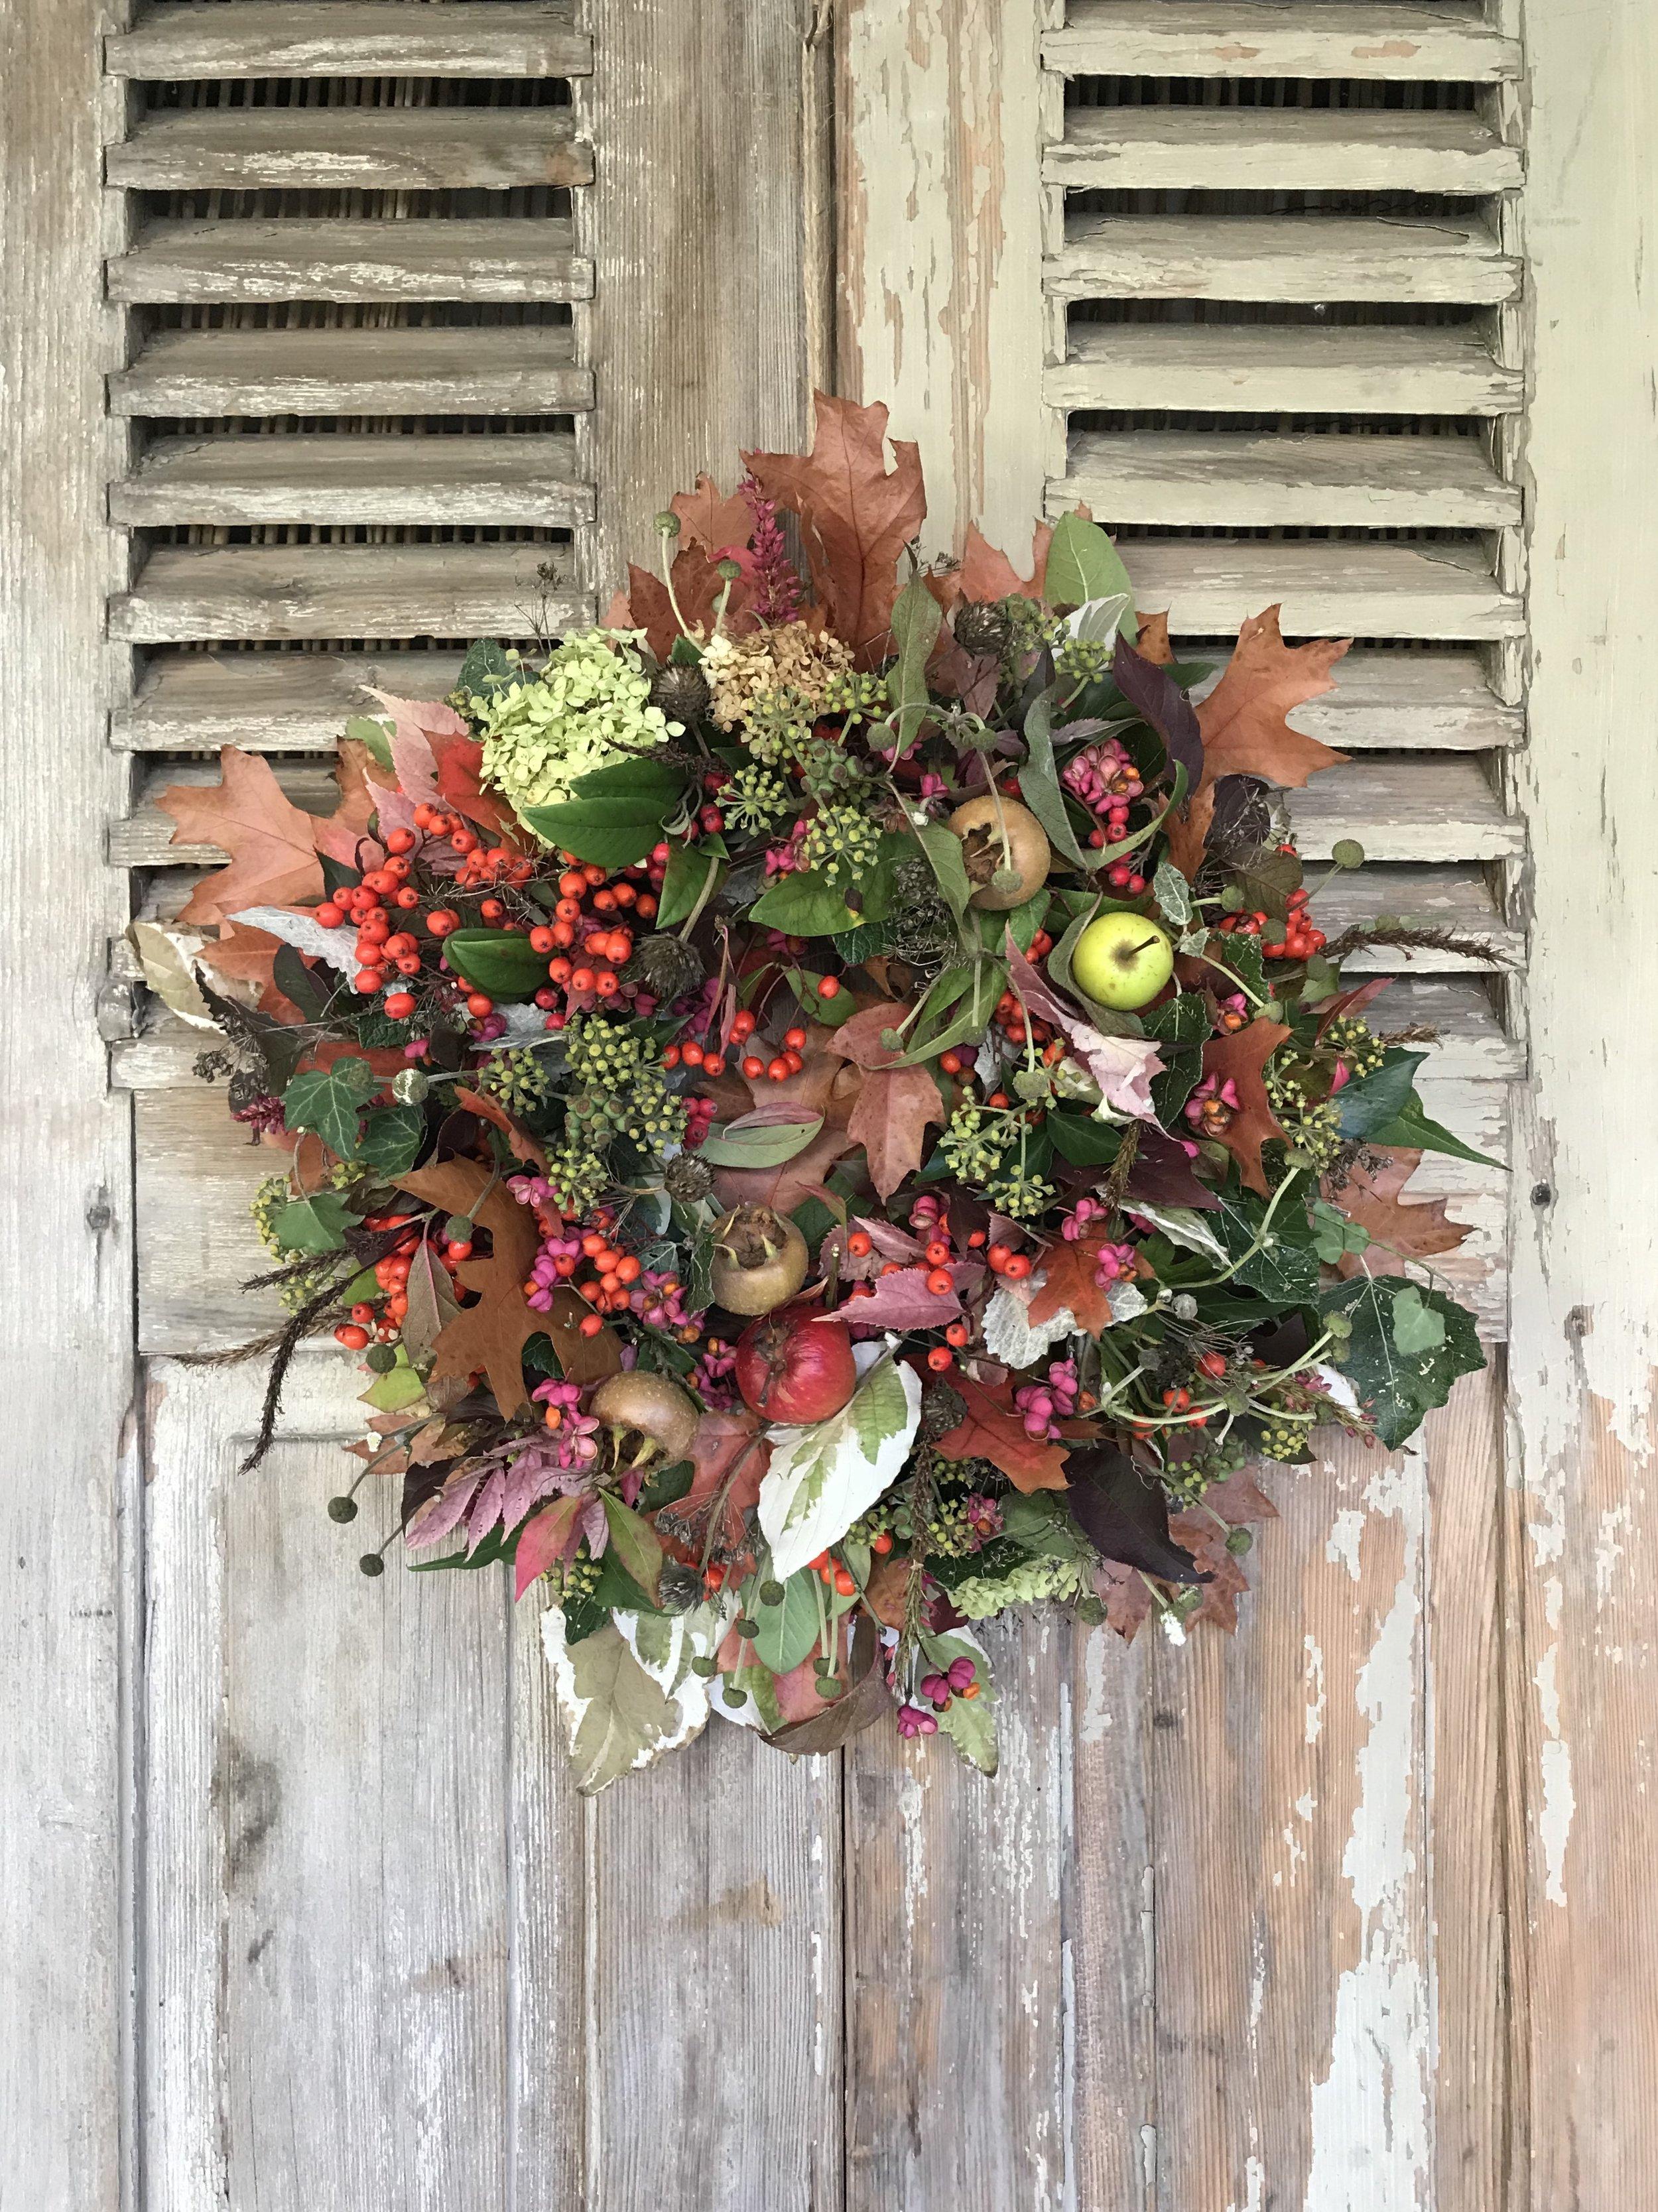 Foraged wreath by The Wildgirls.